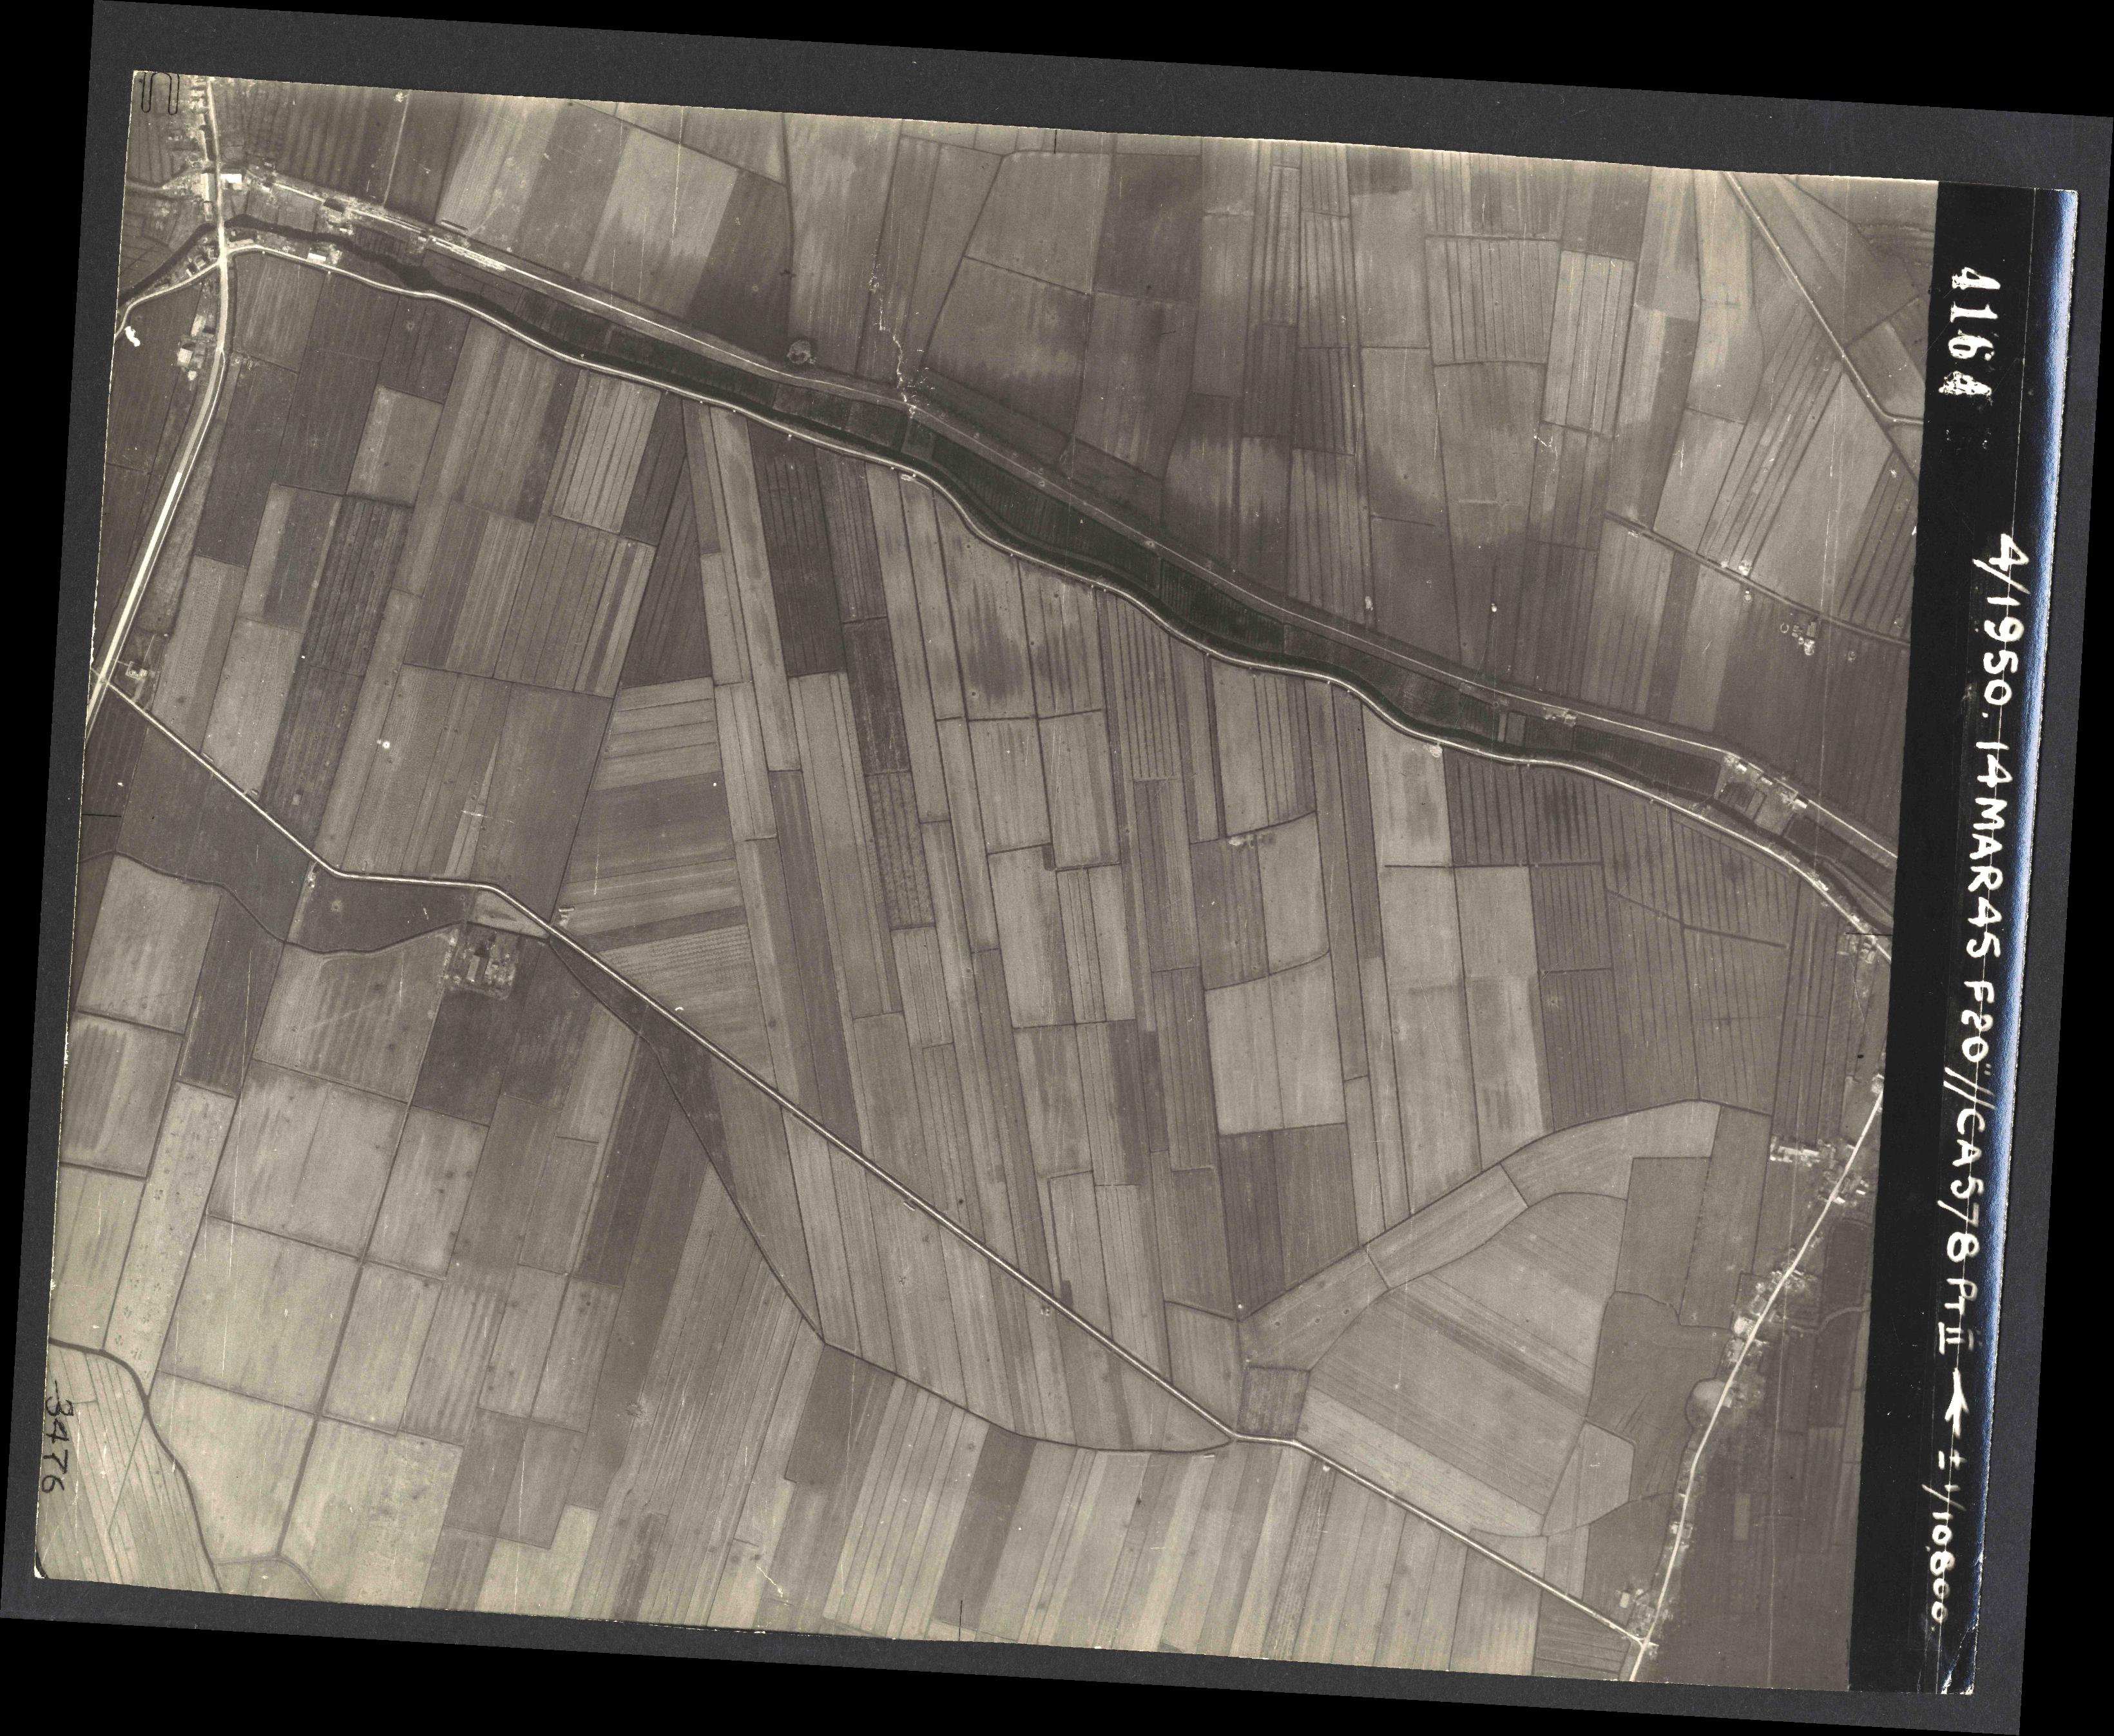 Collection RAF aerial photos 1940-1945 - flight 010, run 14, photo 4164